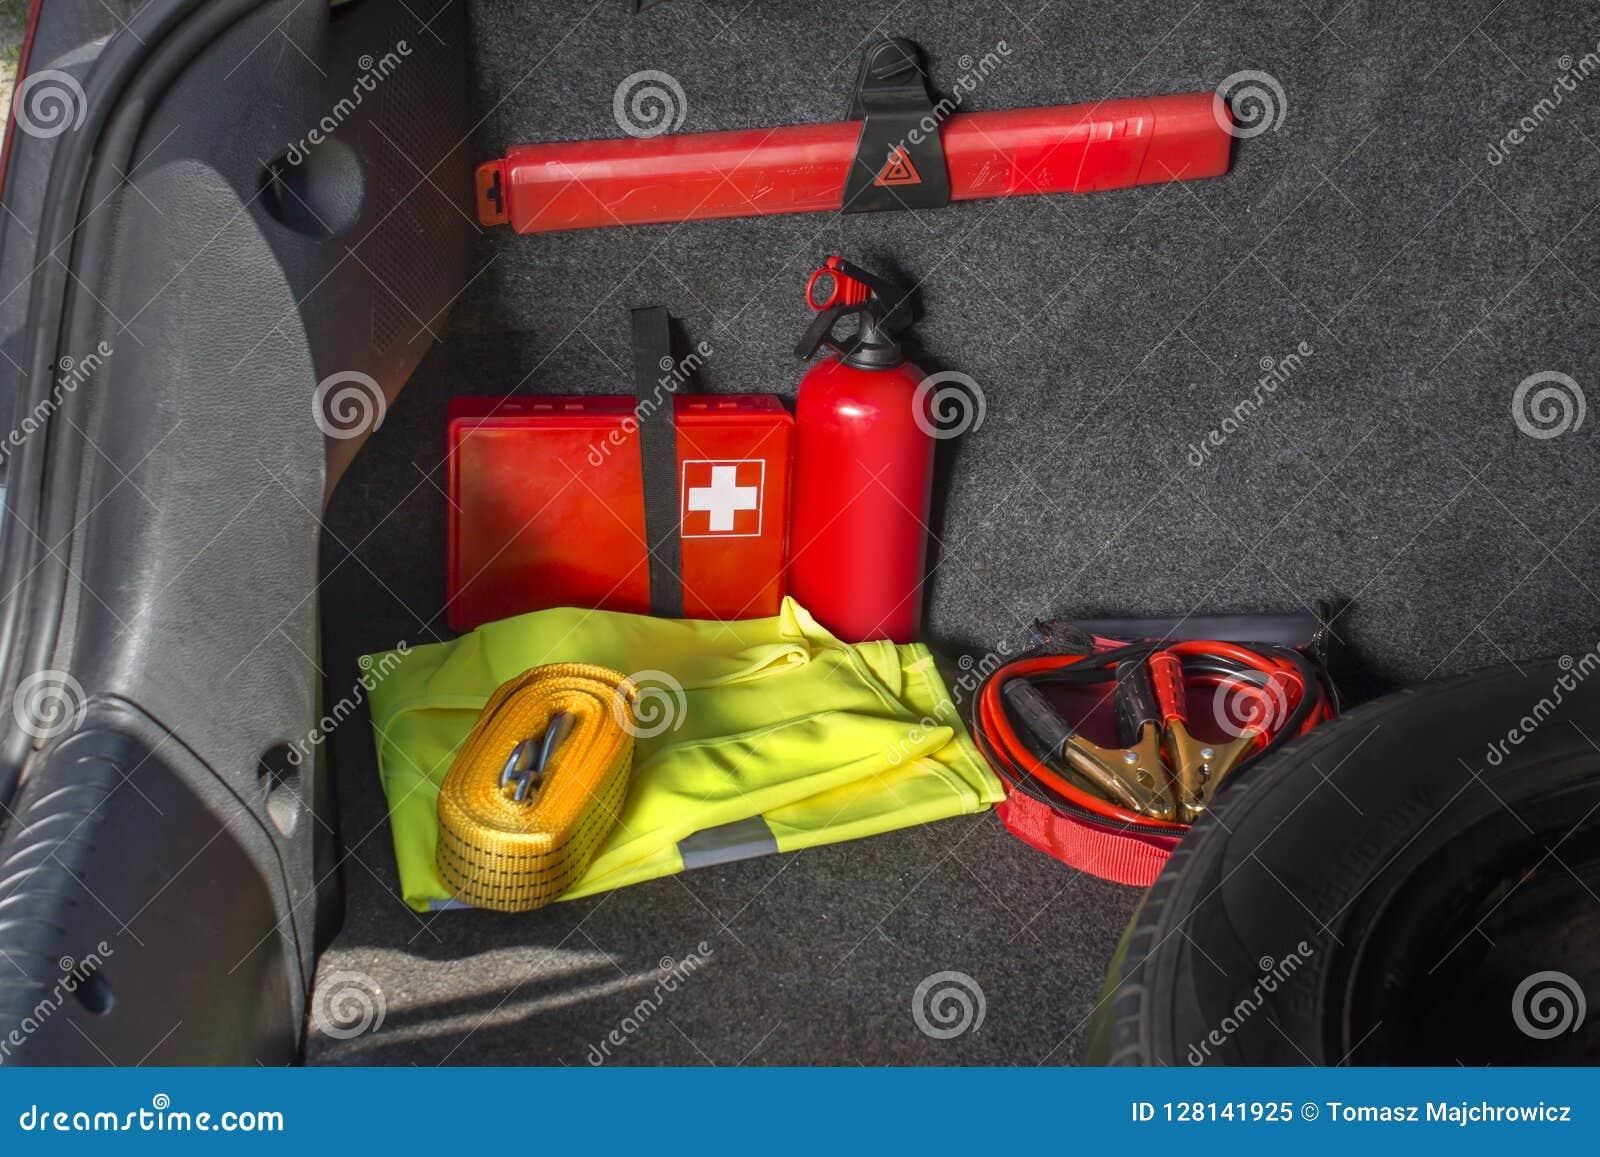 汽车的后车箱的内部有急救工具,灭火器,警告三角,反射性背心,星